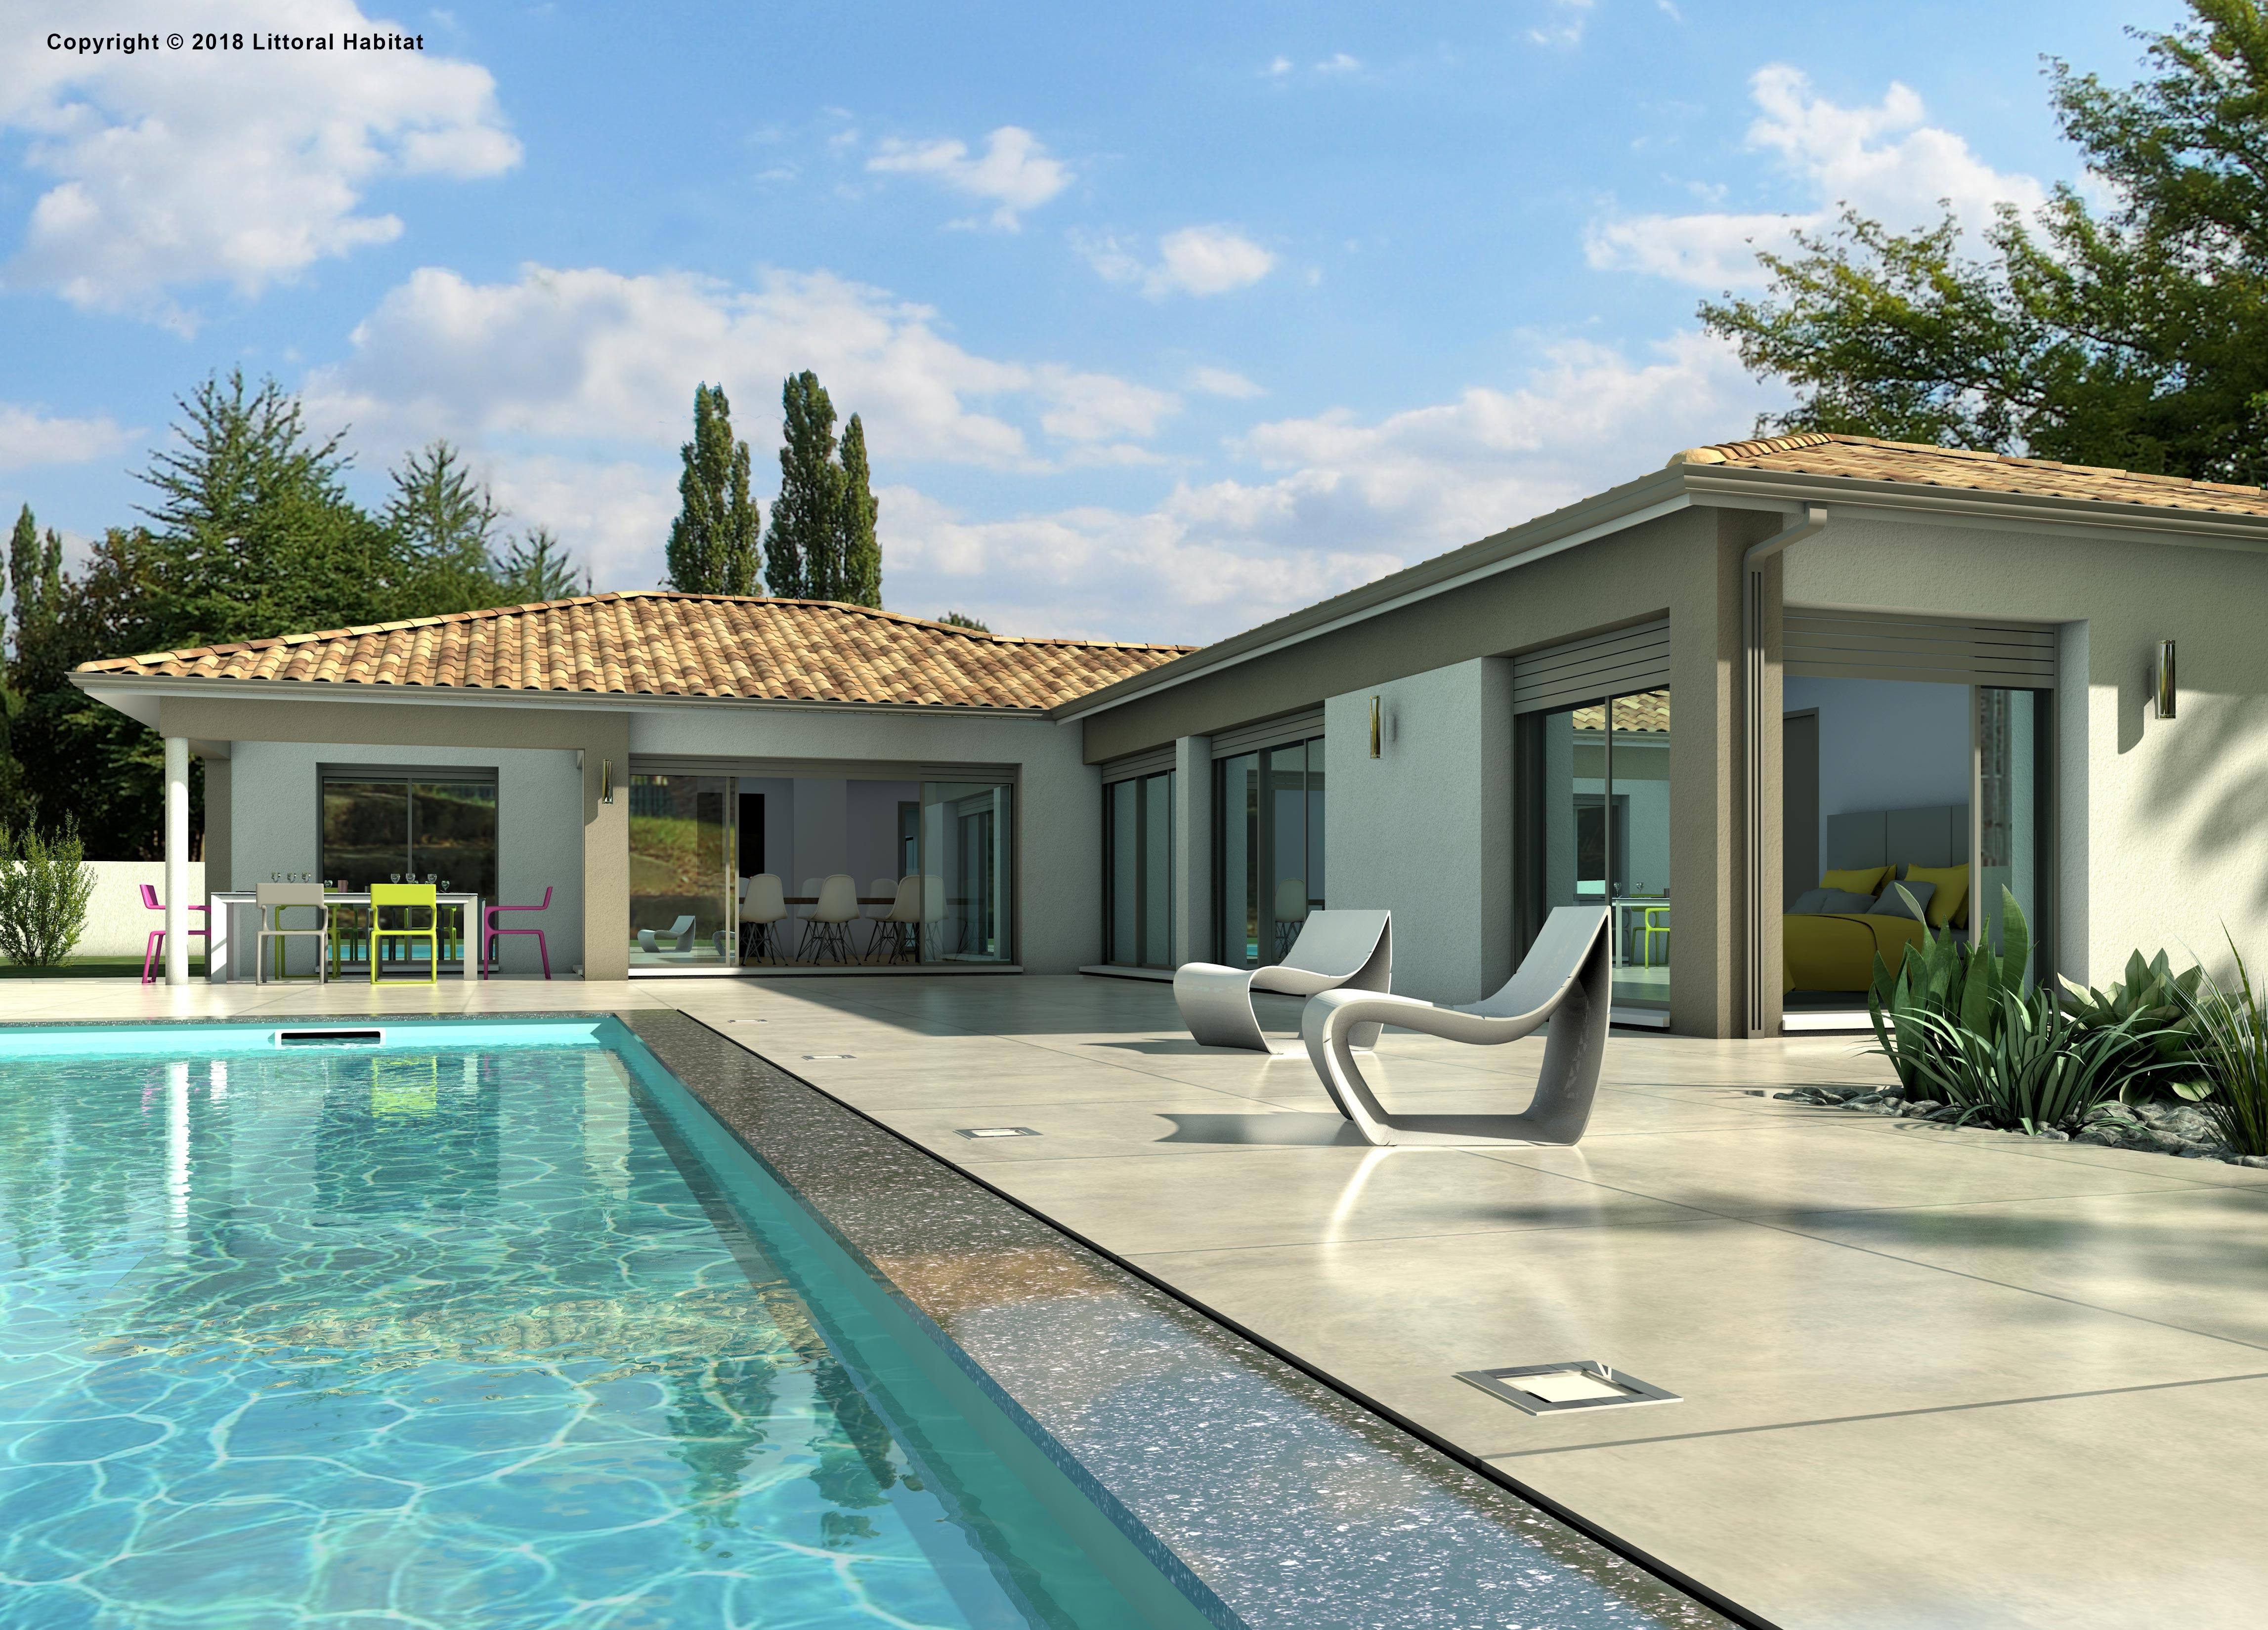 Maisons + Terrains du constructeur LITTORAL HABITAT DAX • 100 m² • POYANNE